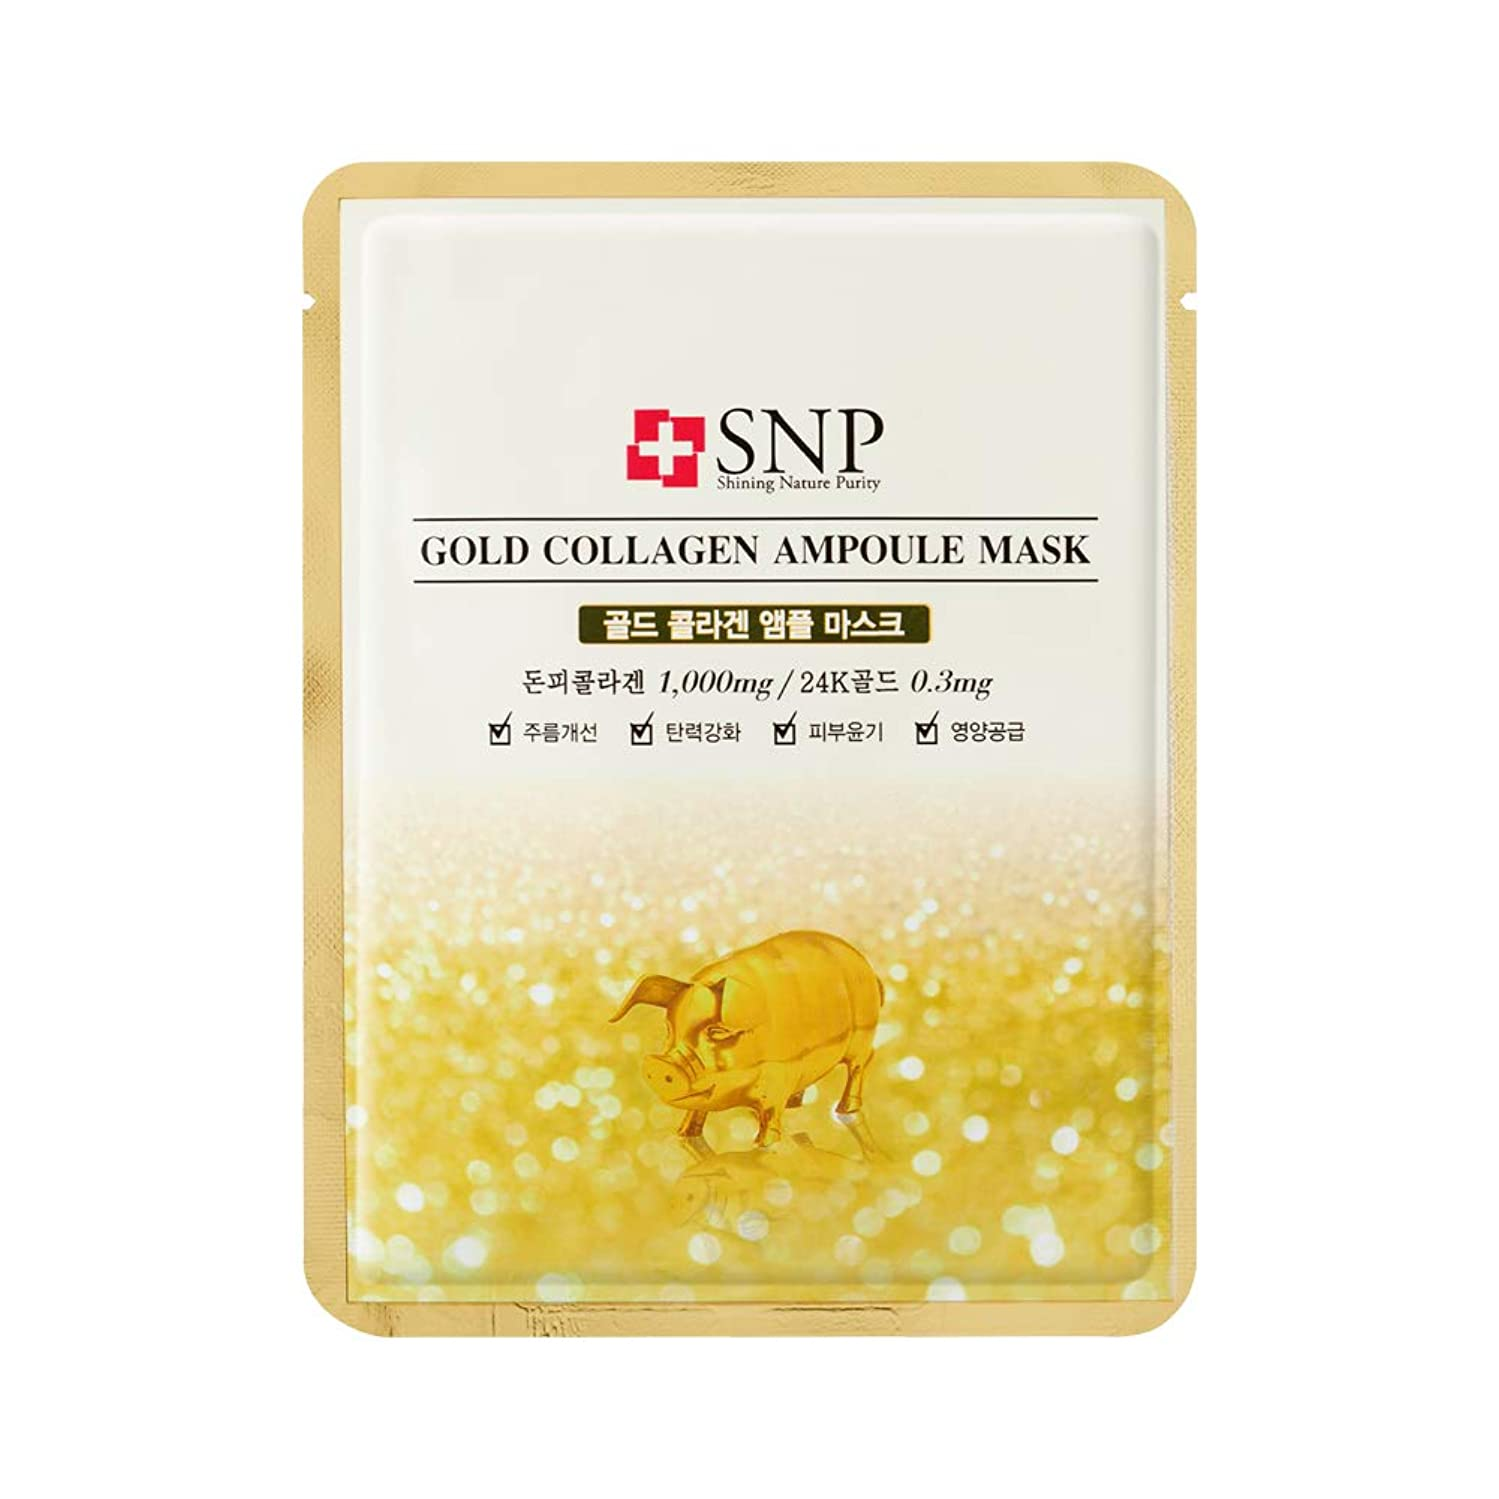 あいまいなバーガー北米【SNP公式】ゴールドコラーゲンアンプルマスク10枚セット/Gold Collagen Ampoul Mask 25ml 韓国コスメ 韓国パック フェイスマスク マスクパック 保湿